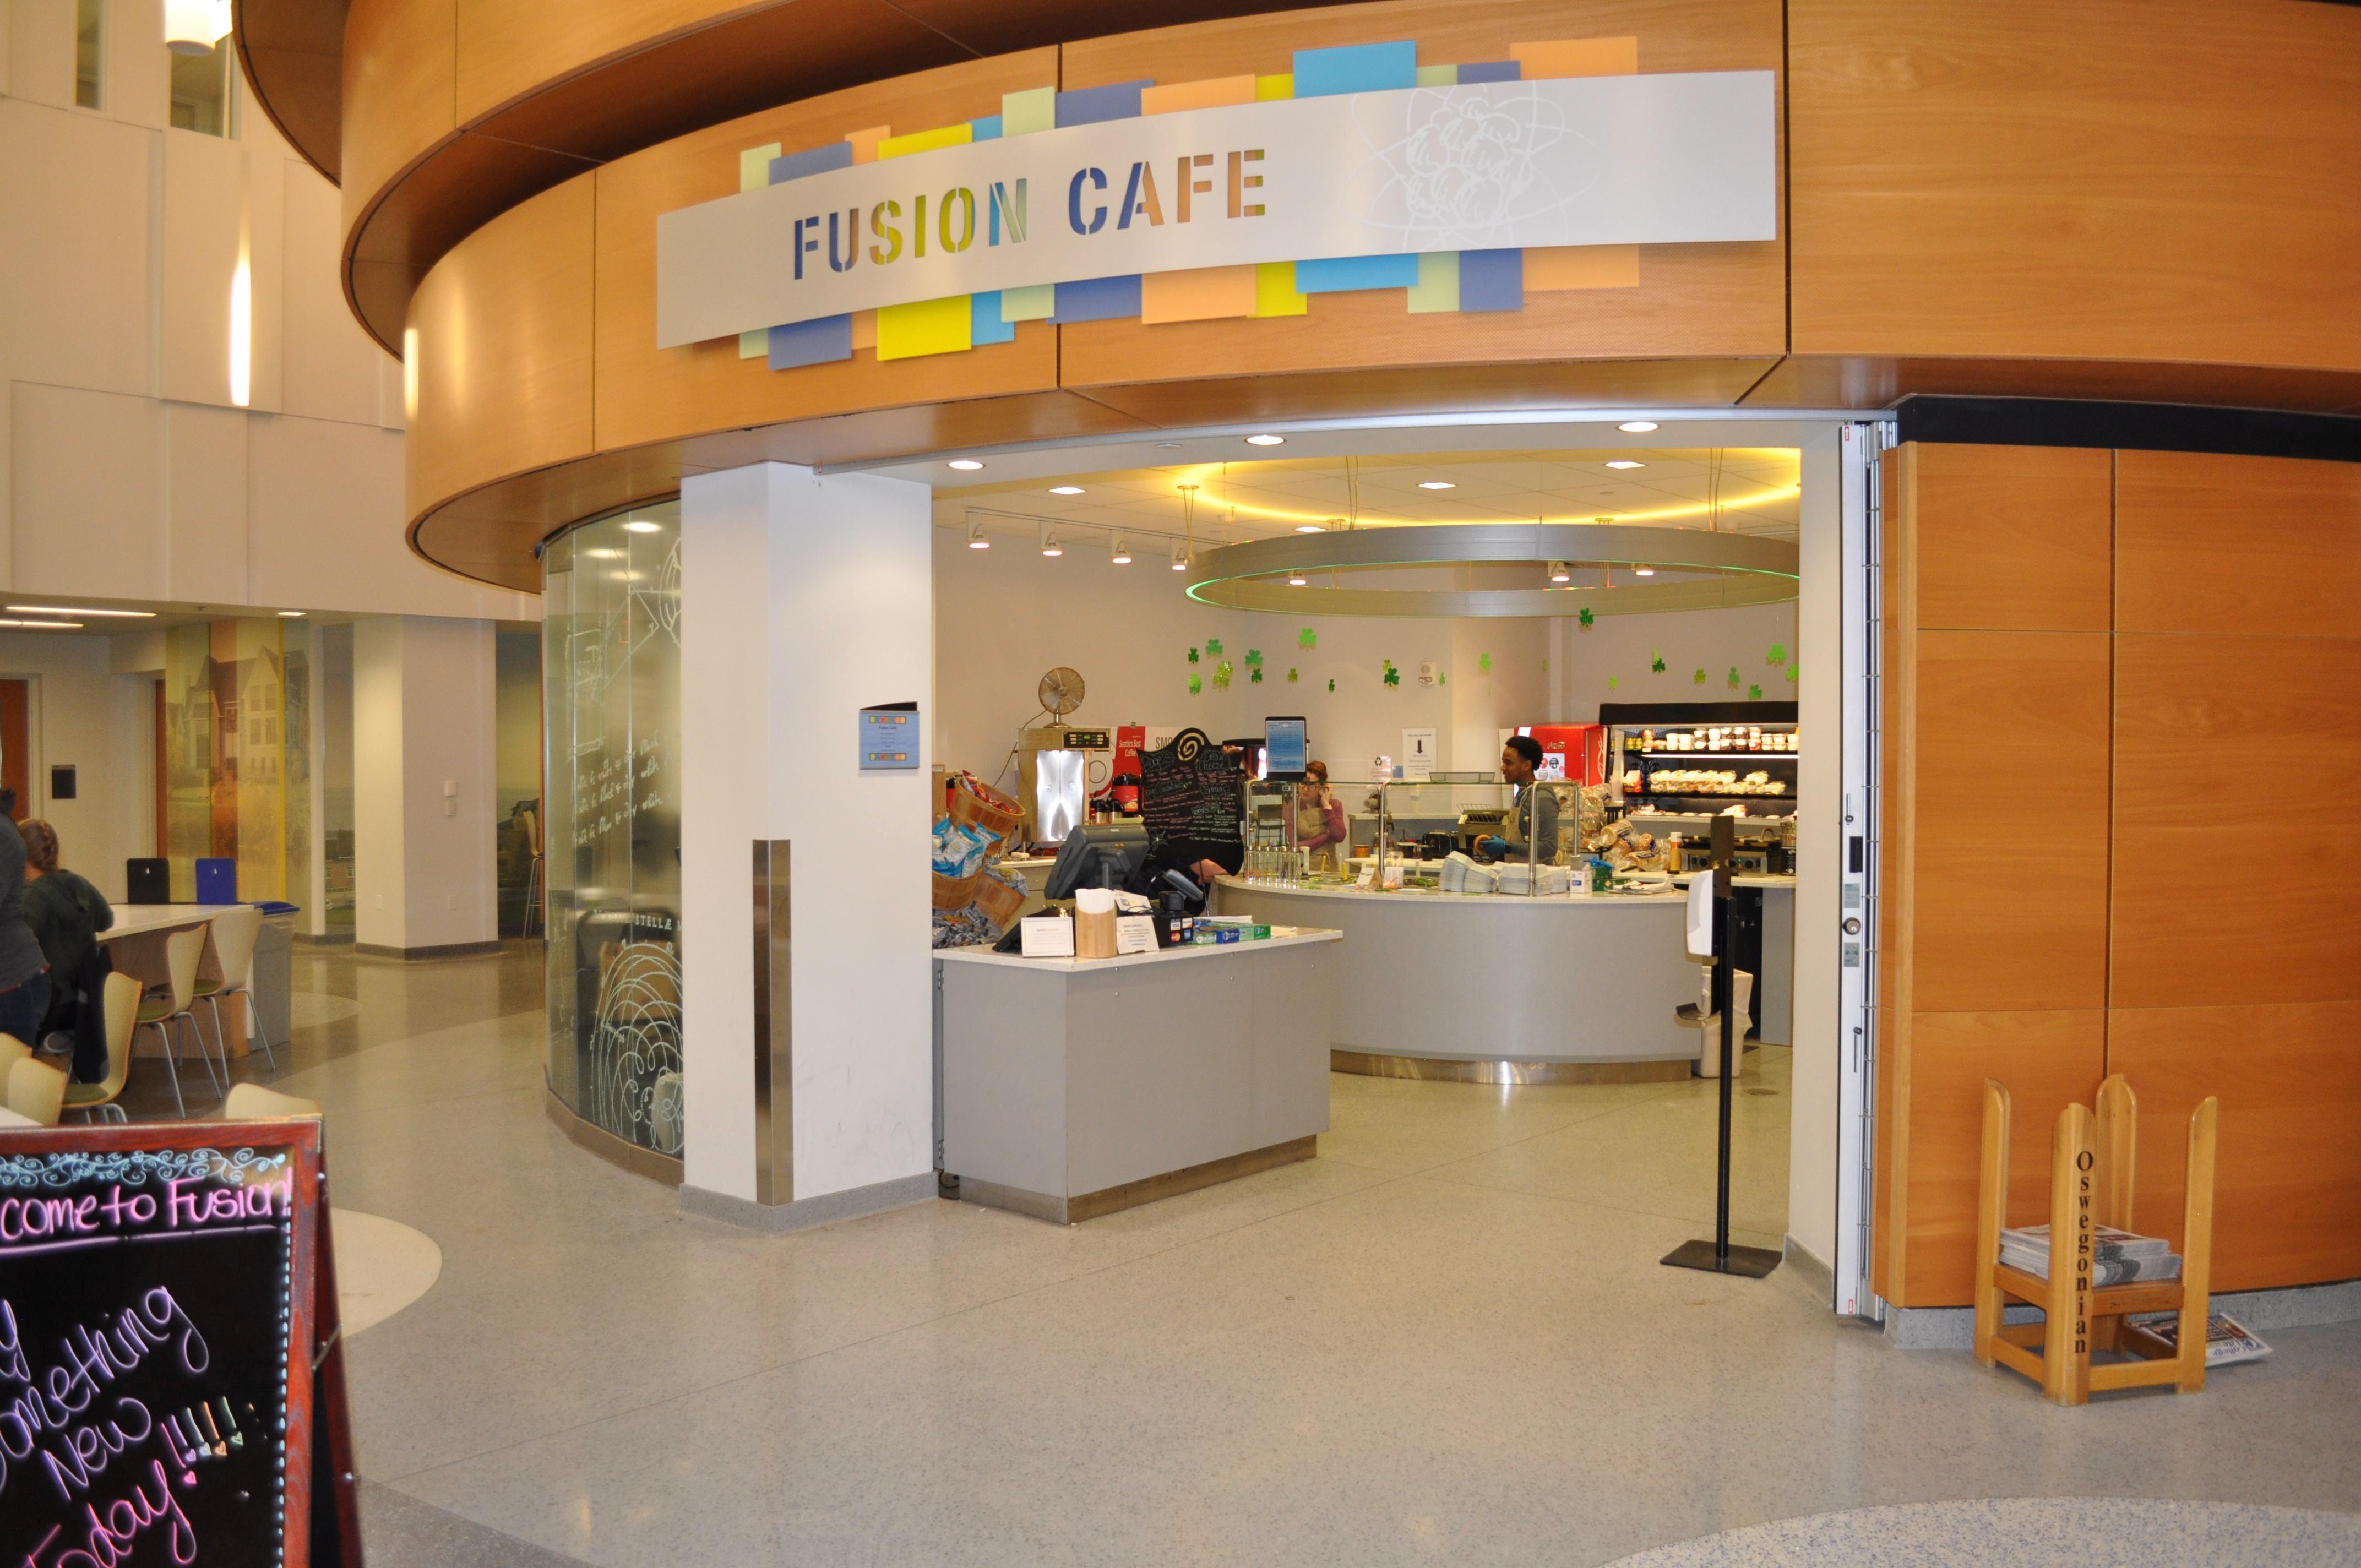 Fusion Cafe, The Nucleus, Shineman Center